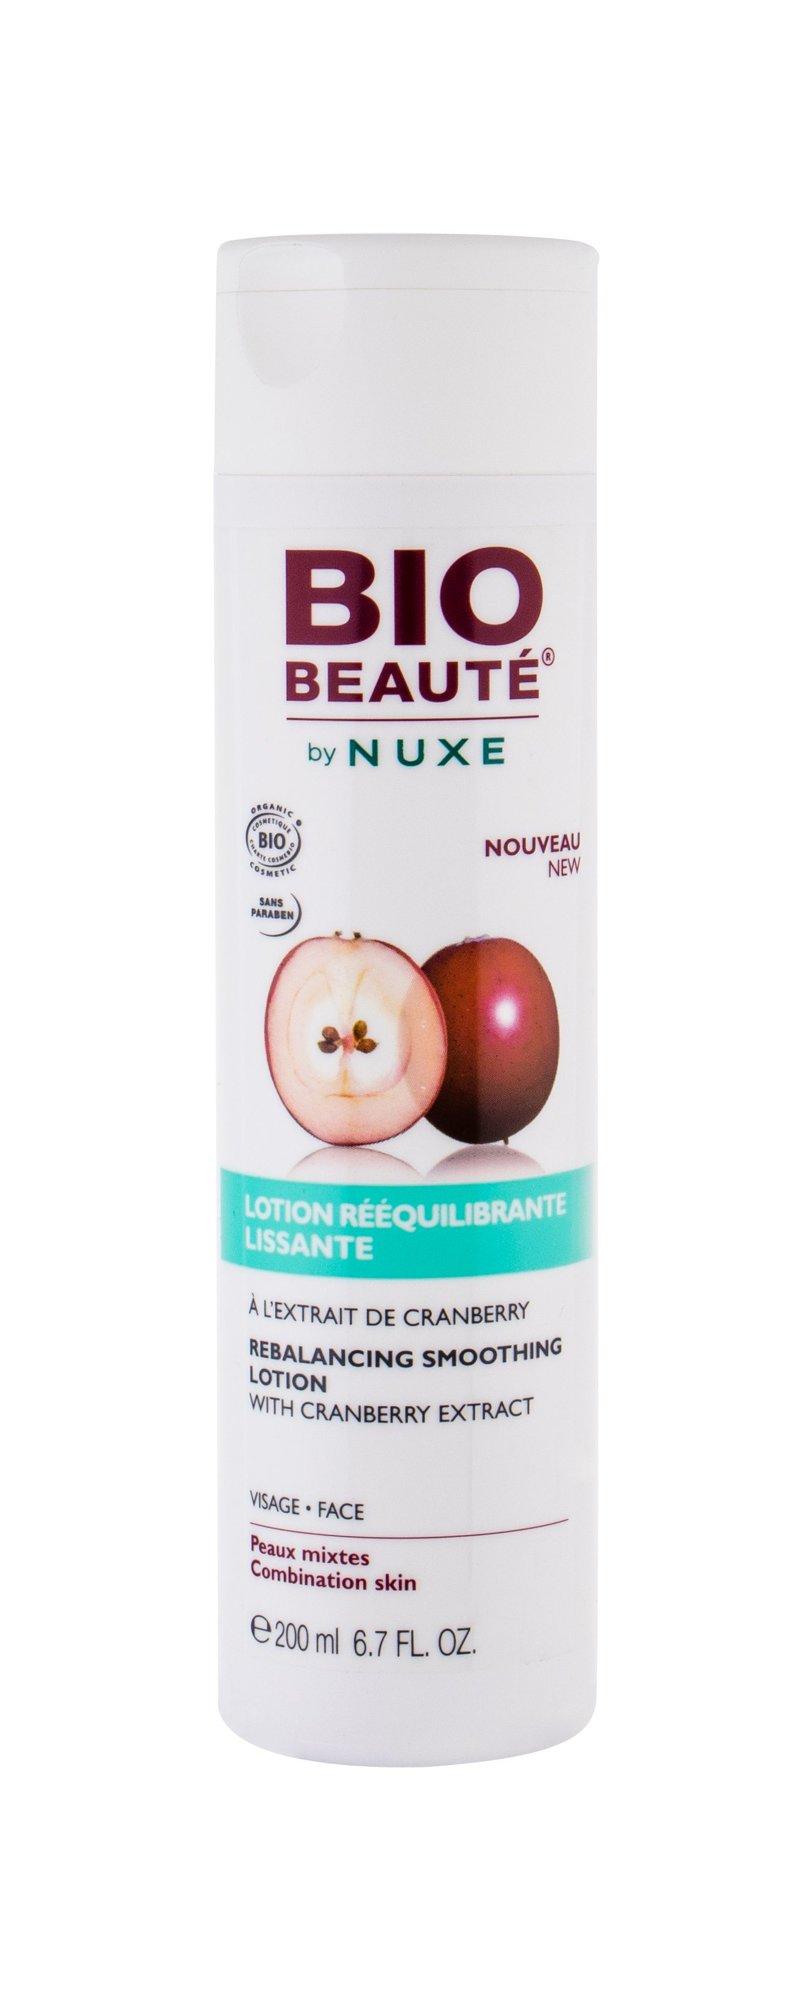 NUXE BIO BEAUTÉ Facial Lotion and Spray 200ml